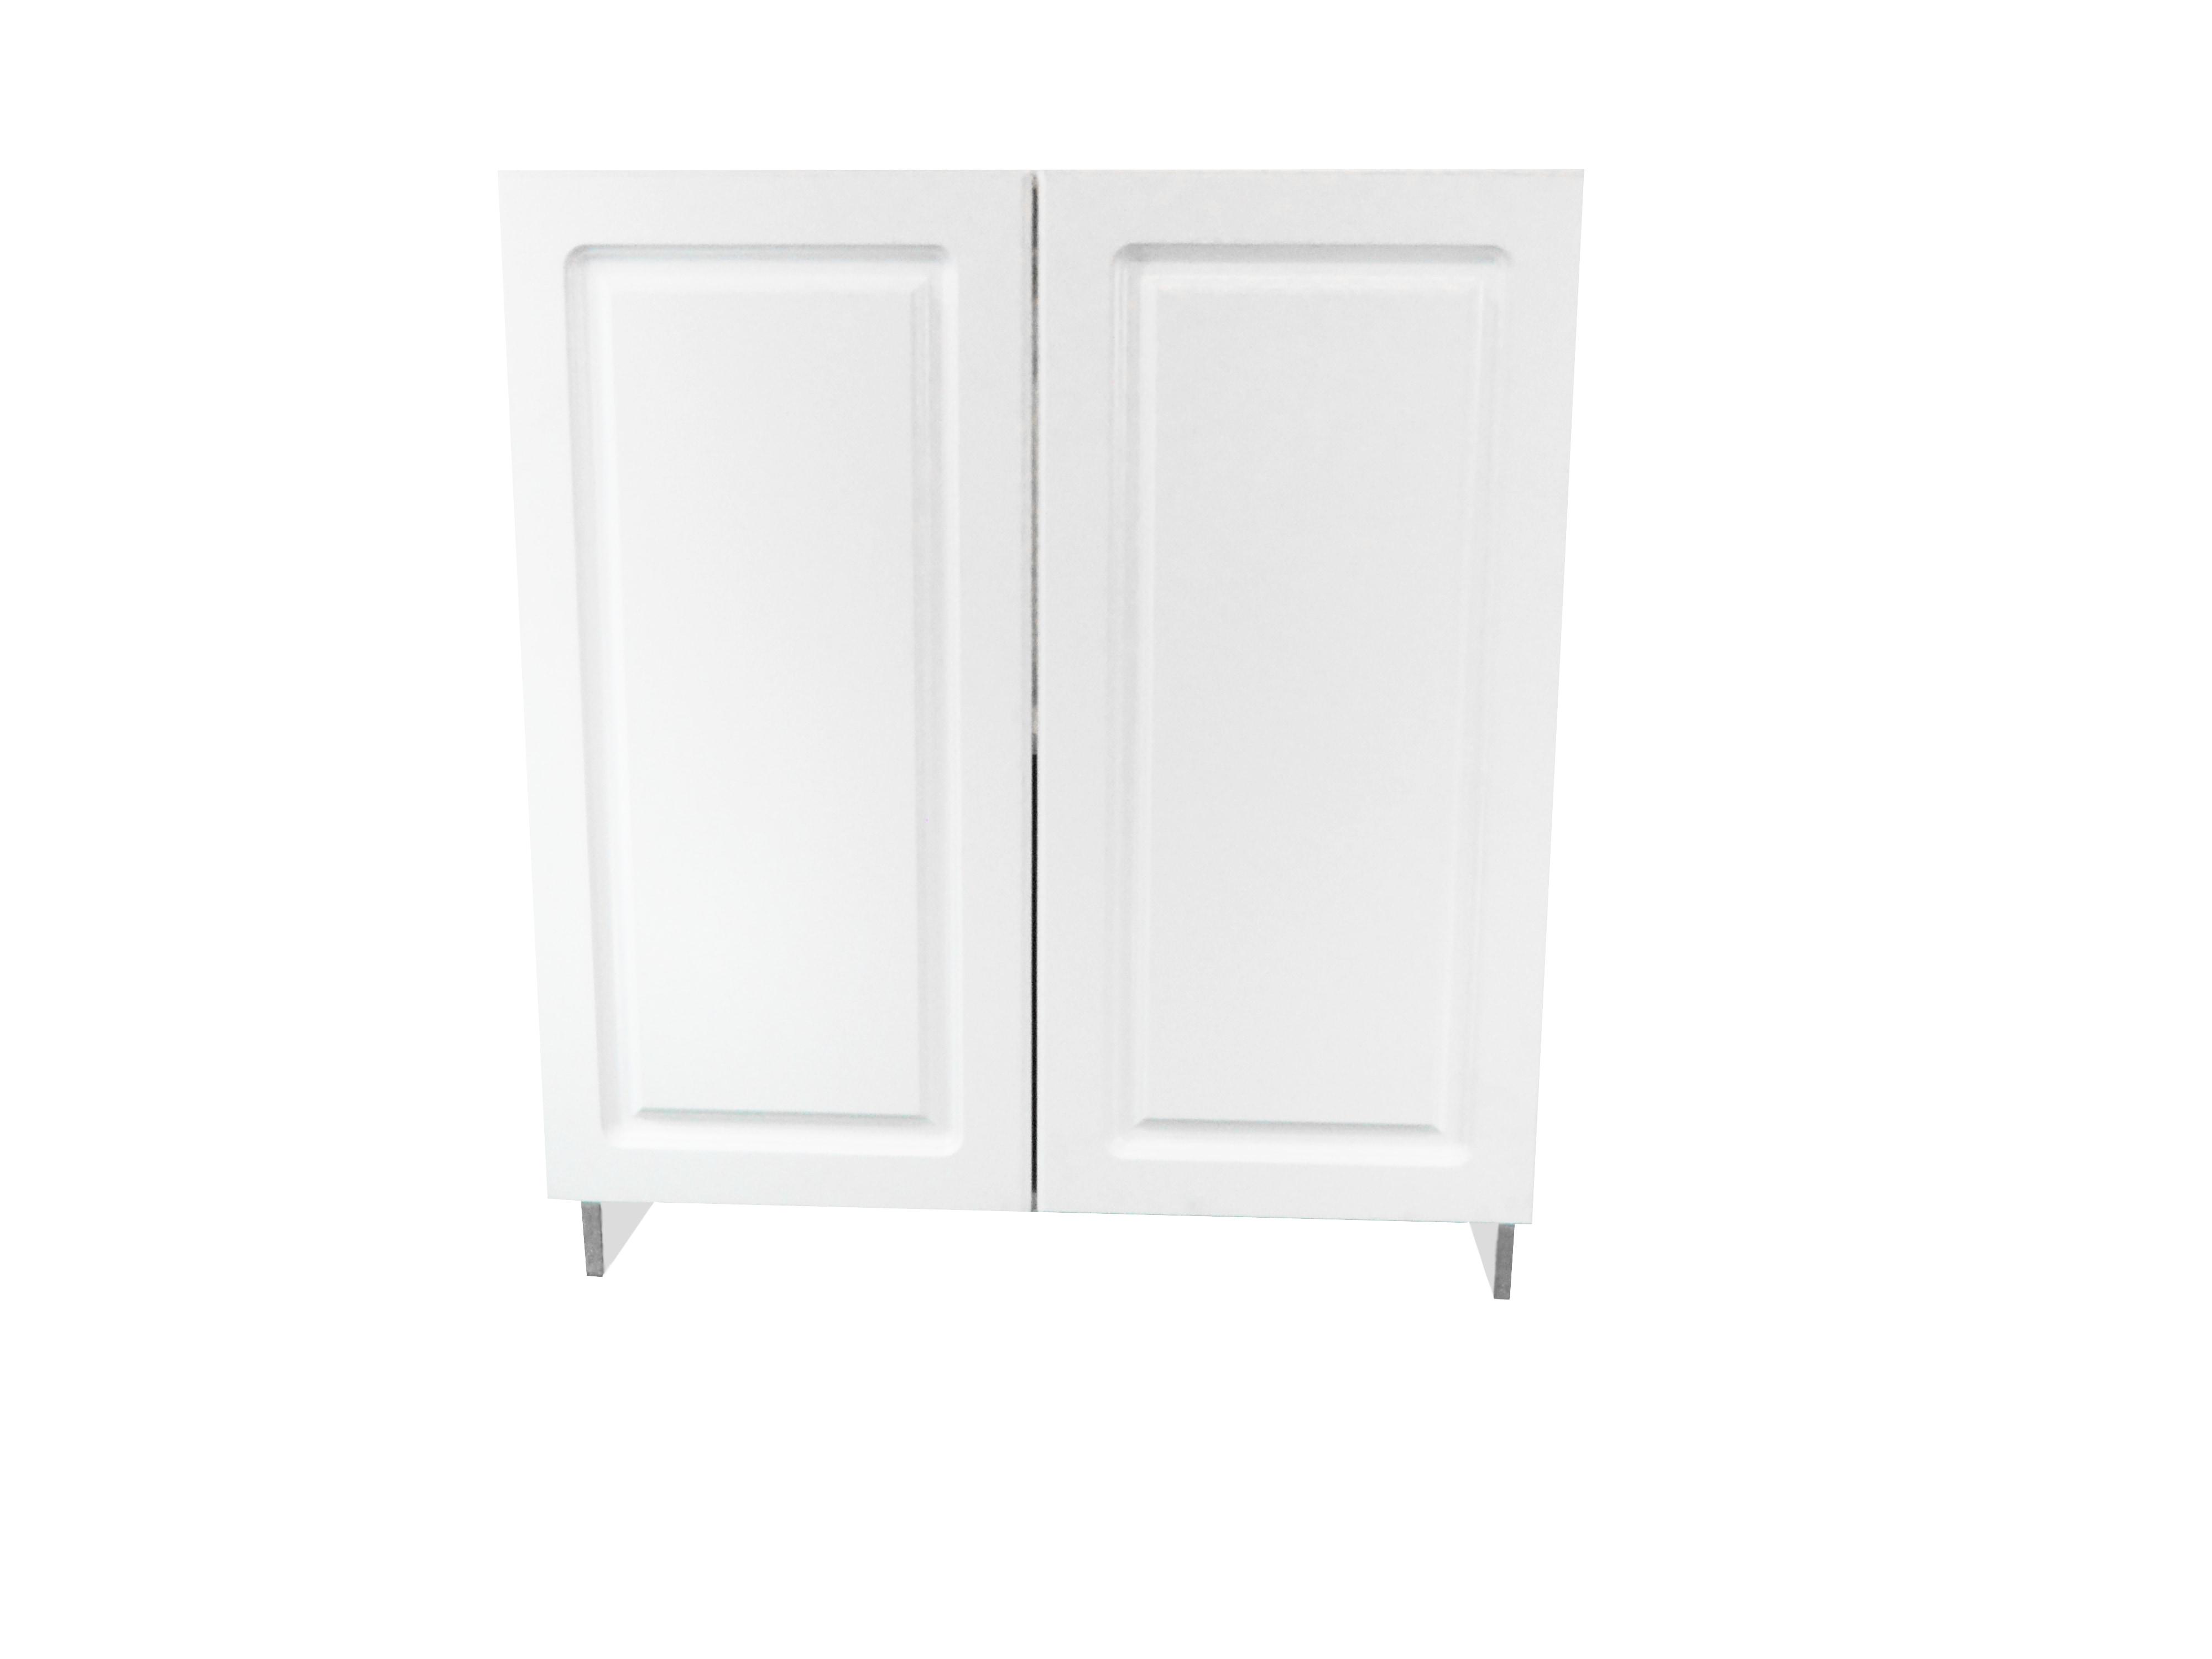 Base Cabinet With 2 Door / San Juan / Raised Panel White / 27 San Juan 0